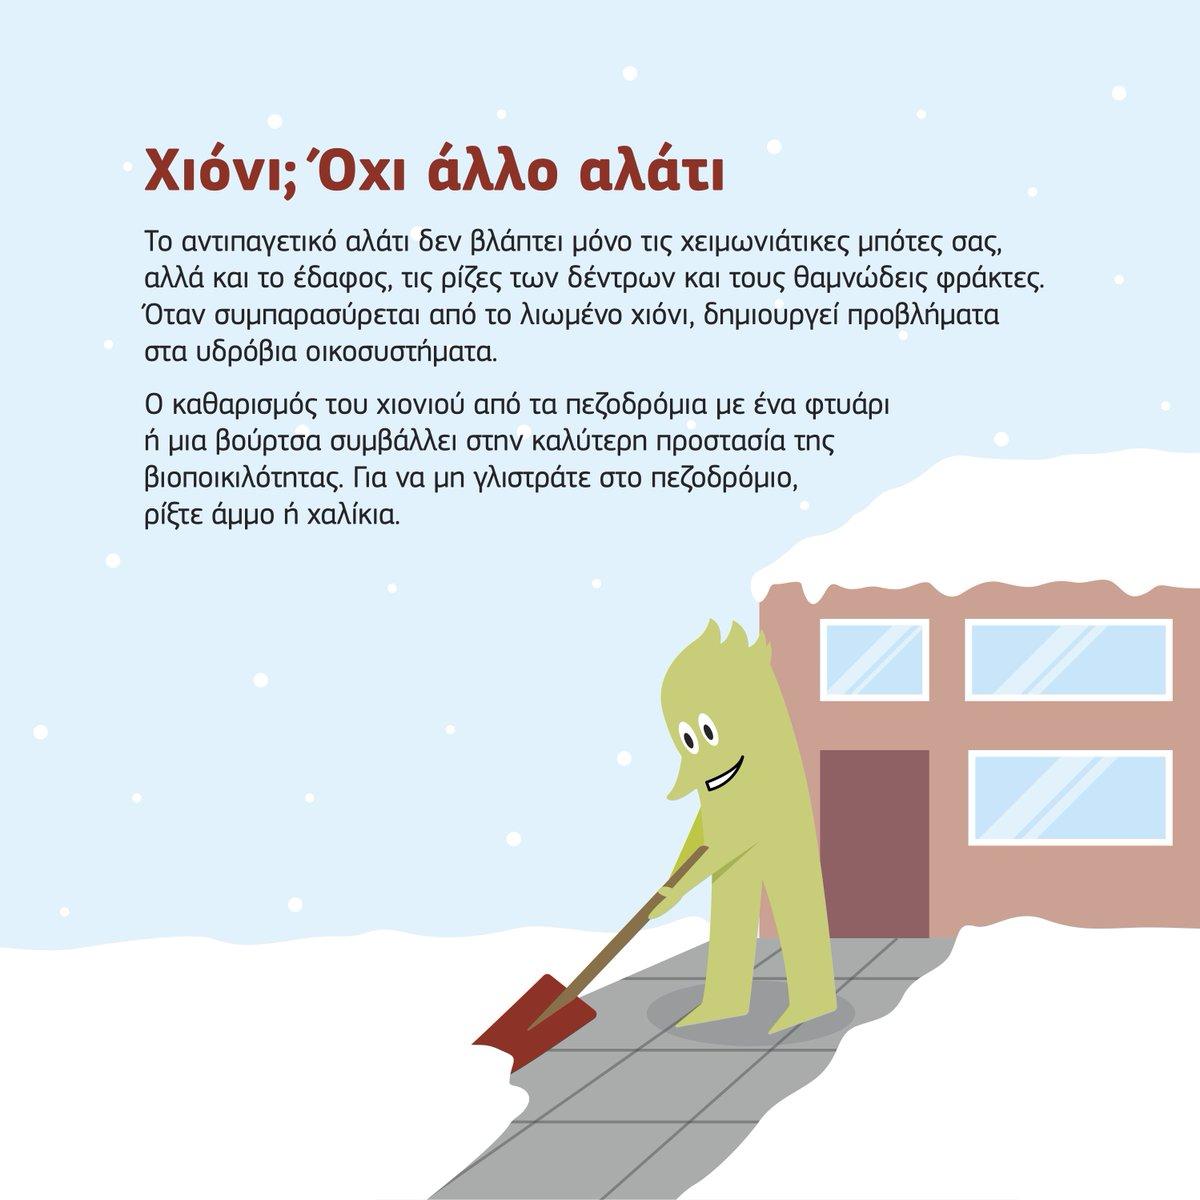 Από το φυλλάδιο της Ευρωπαϊκής Ένωσης 52 βήματα για μια πιο «πράσινη» πόλη